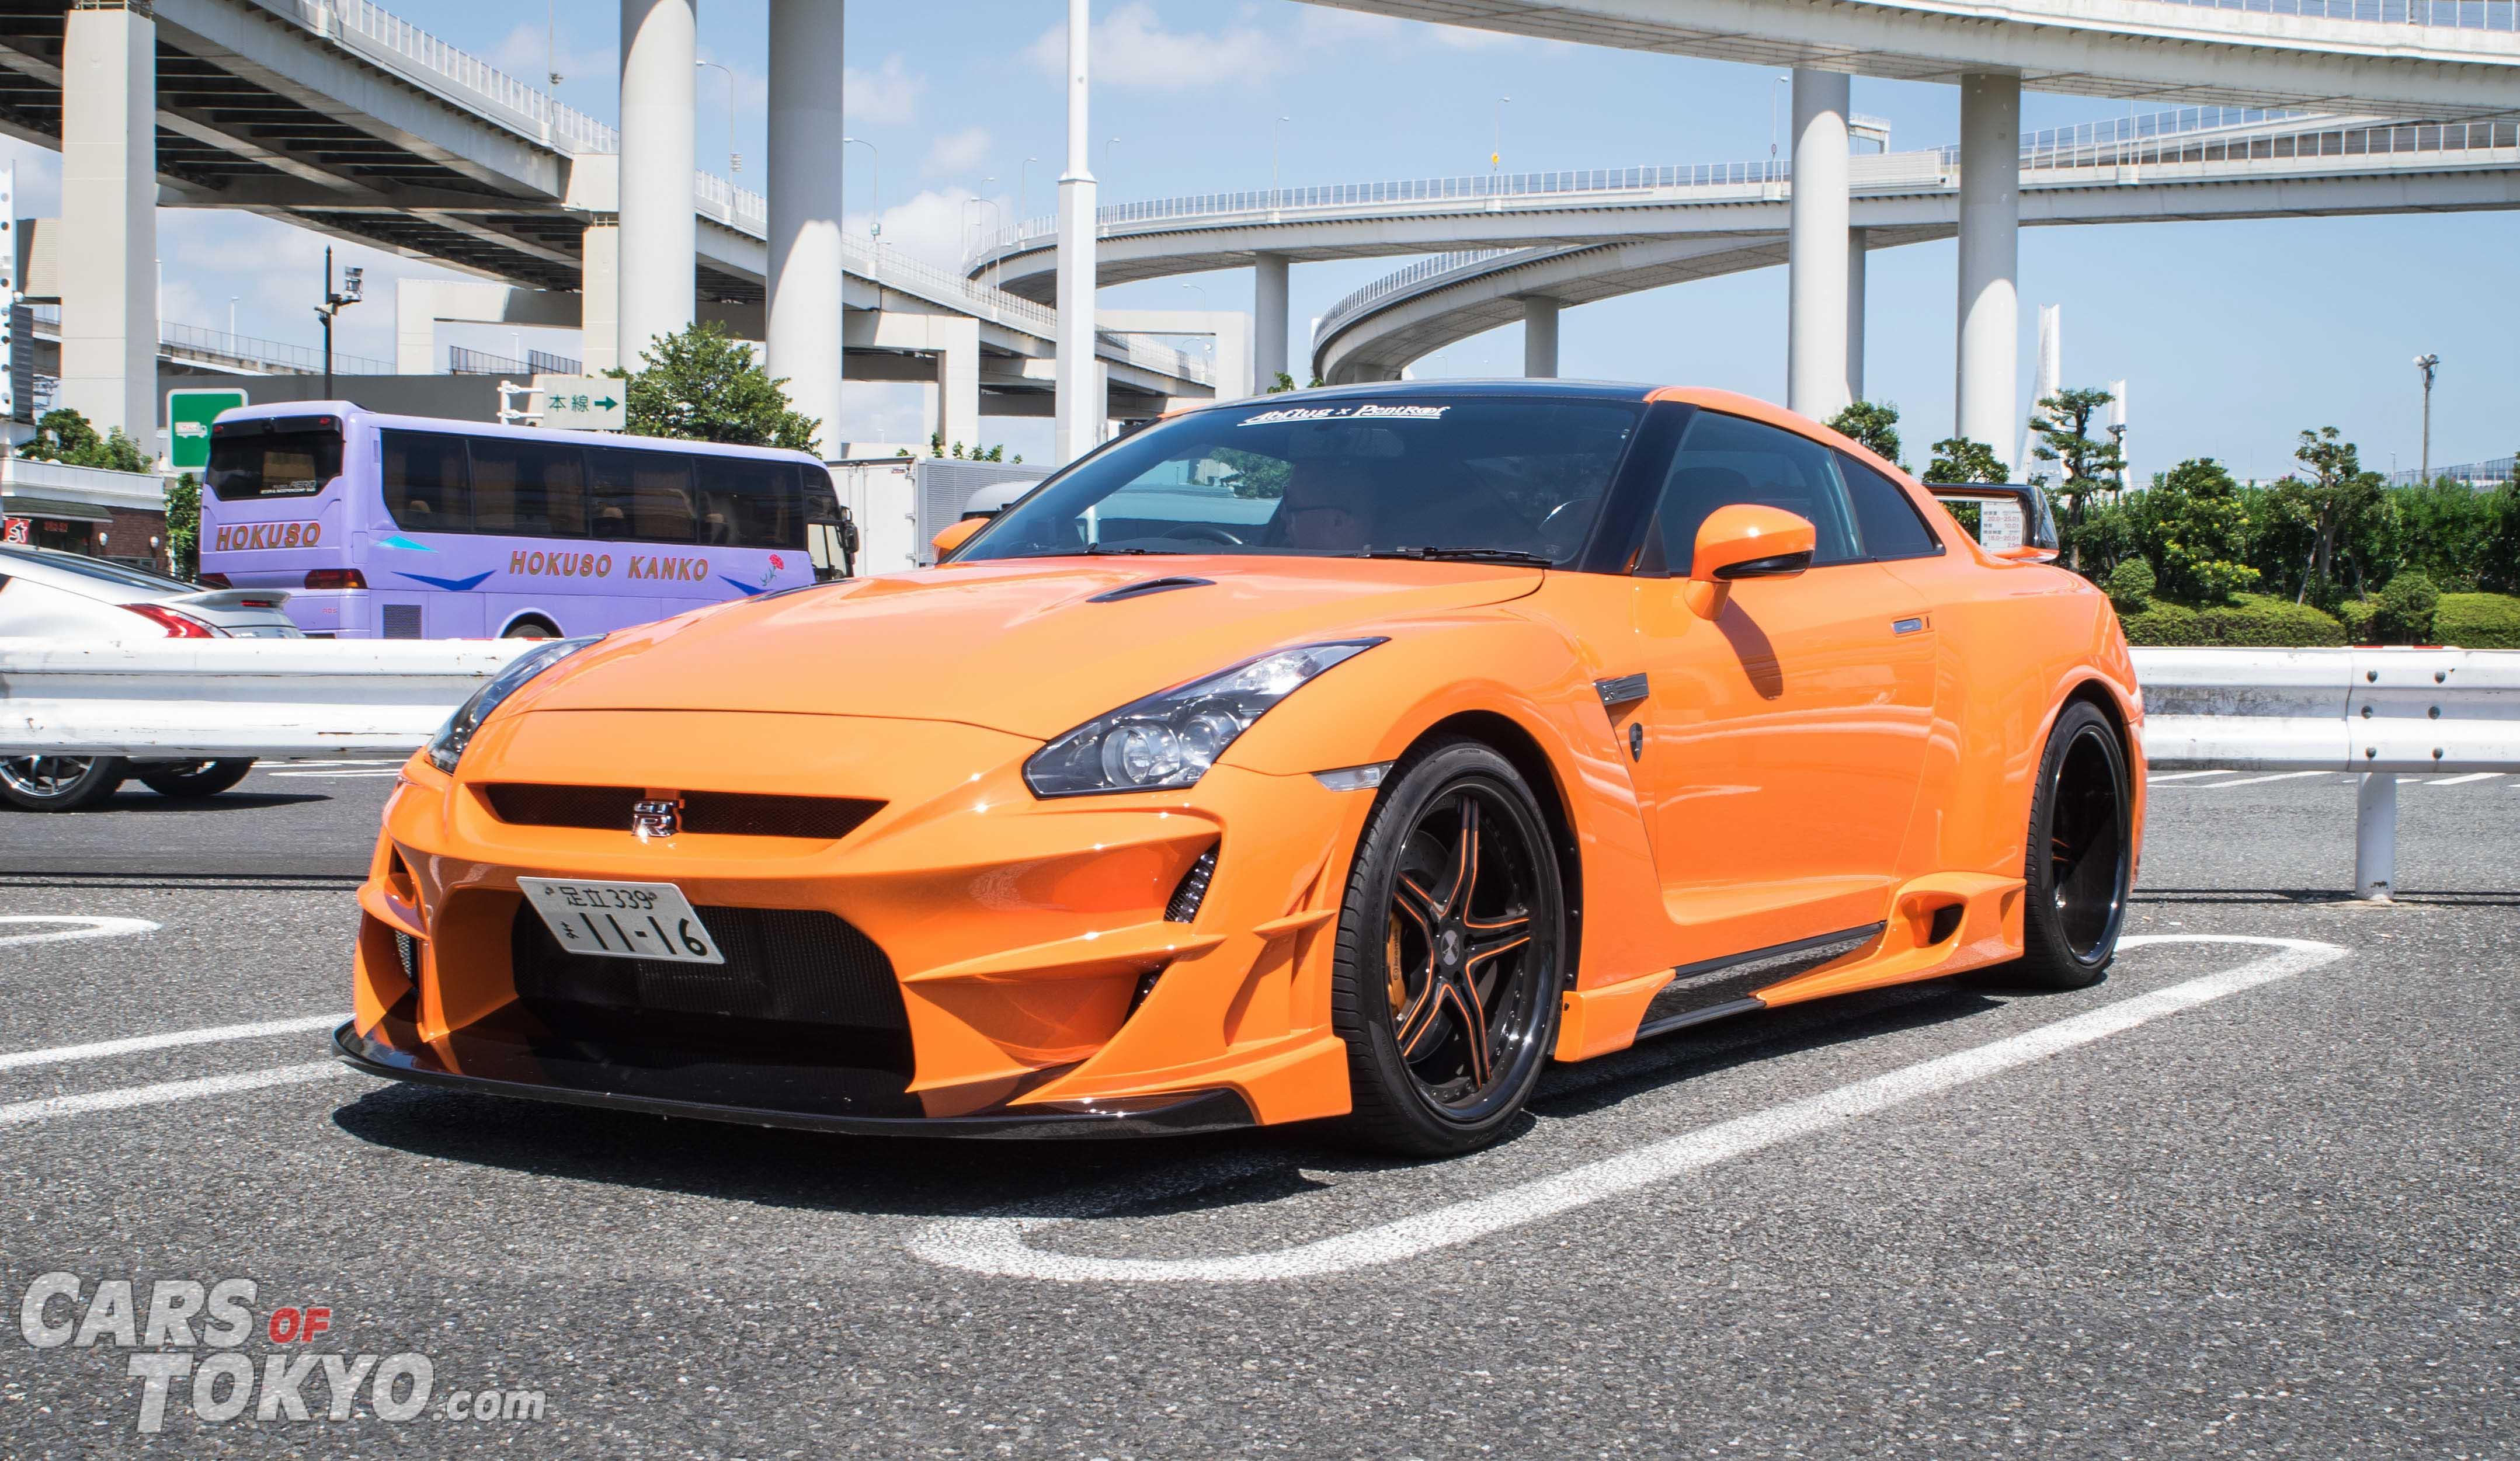 cars-of-tokyo-nissan-gtr-r35-abflug